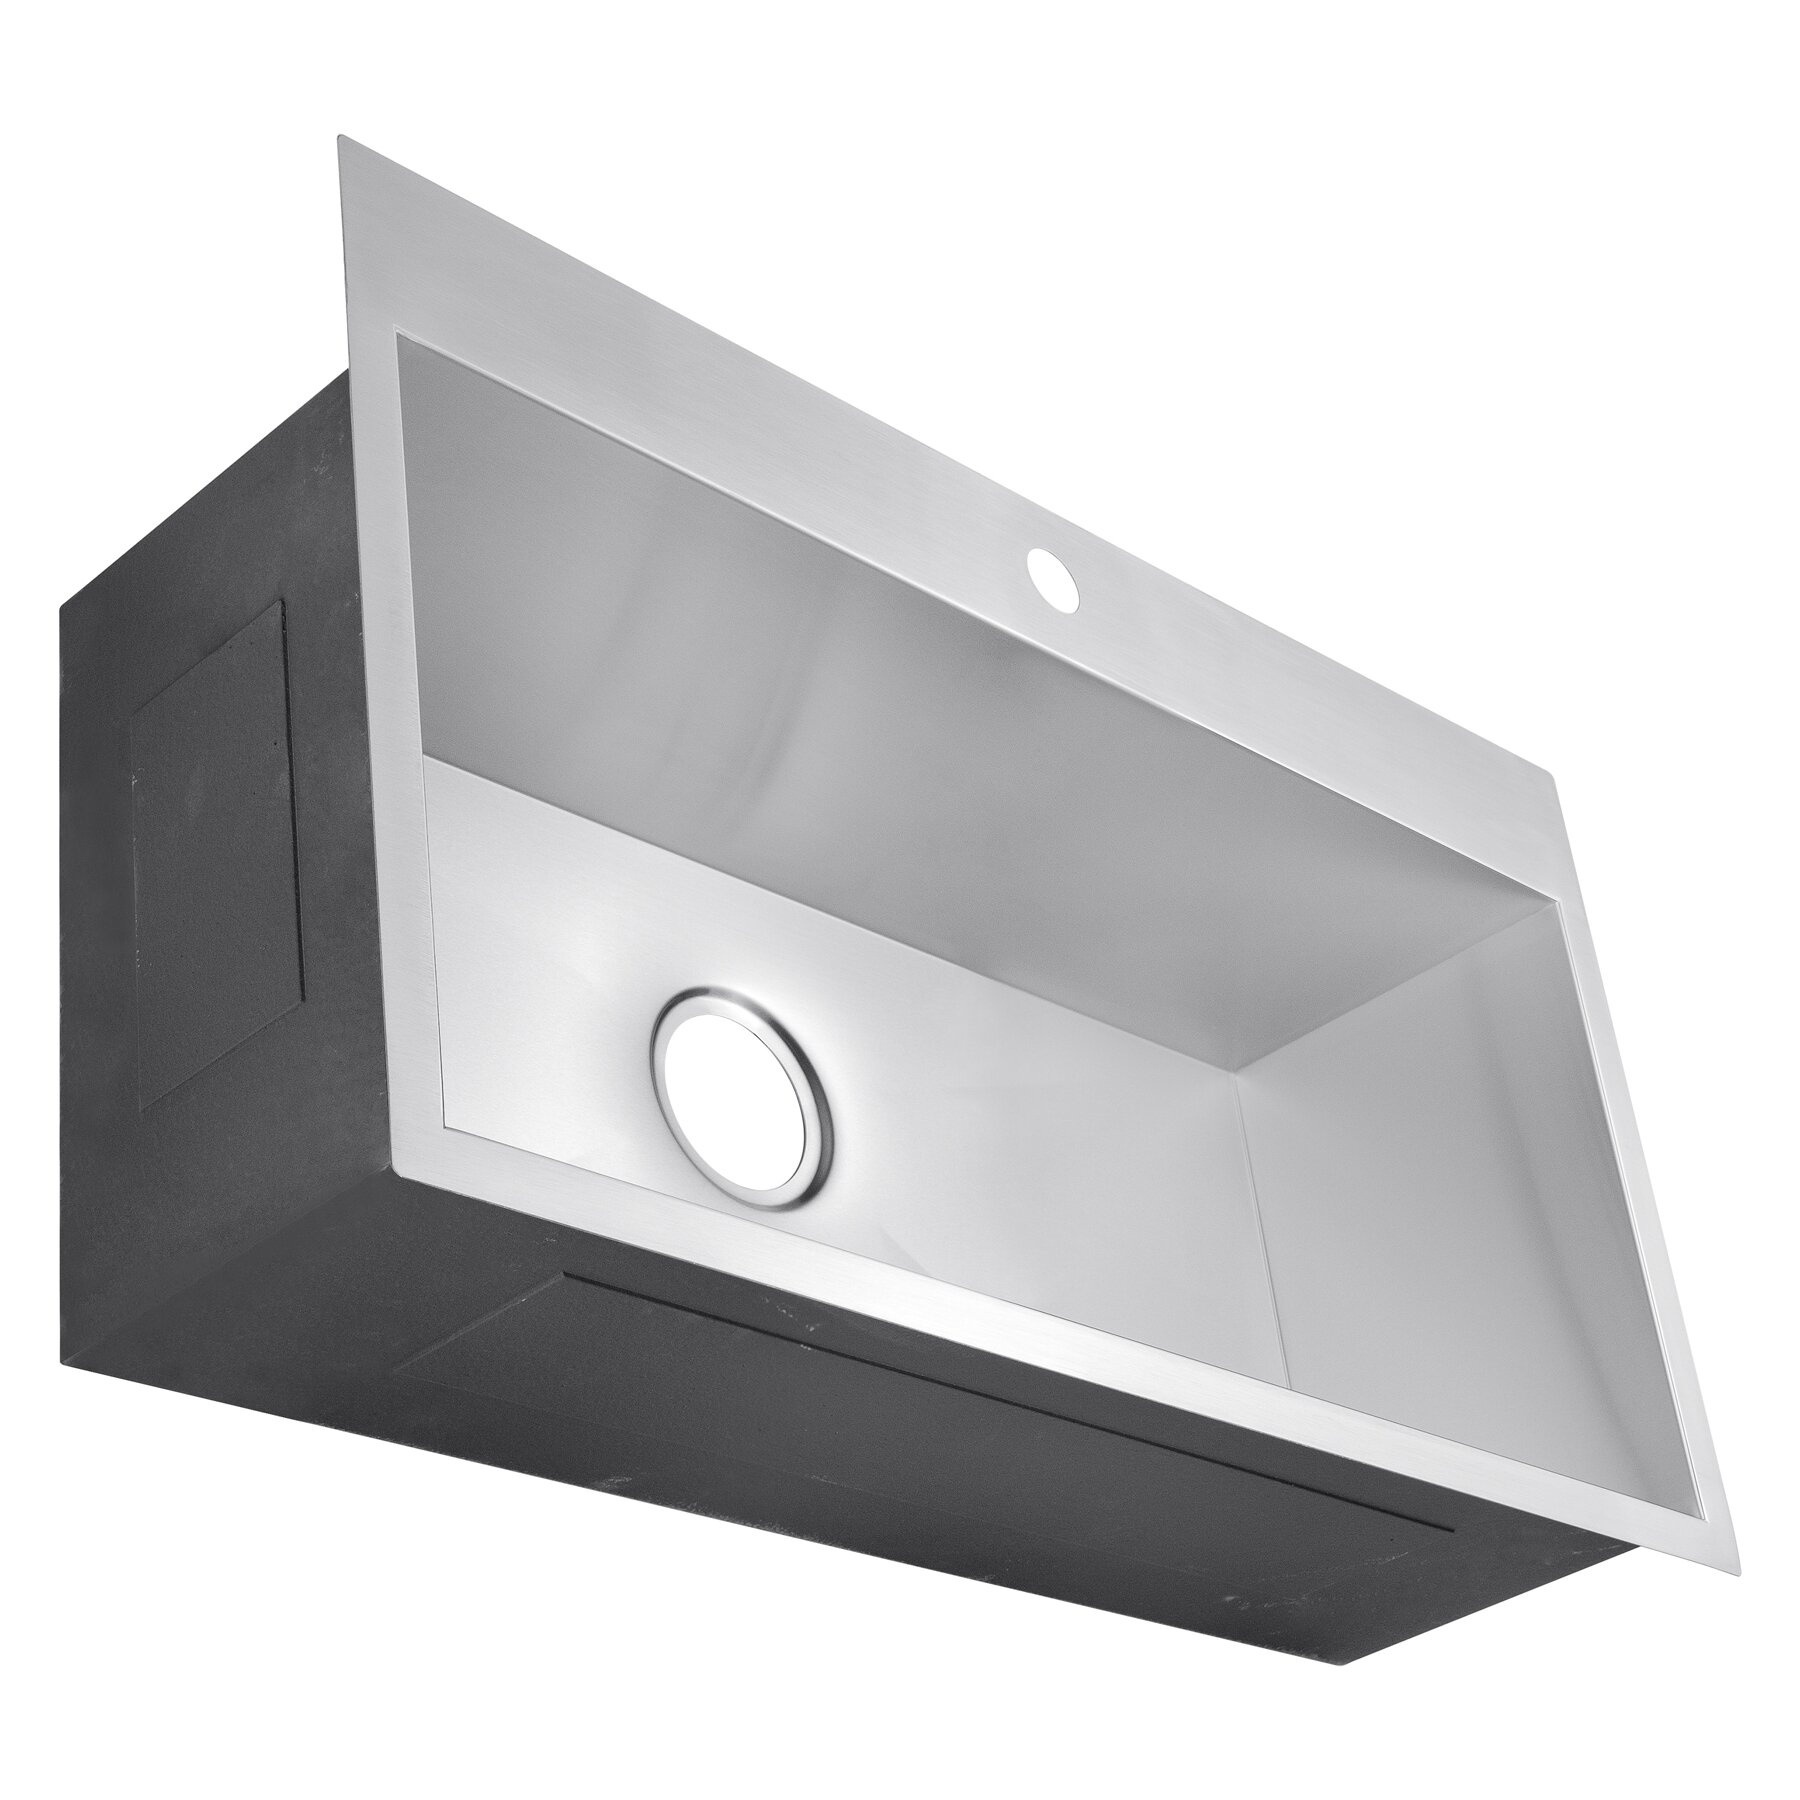 18 x 32 single bowl kitchen sink - Bowl Kitchen Sink